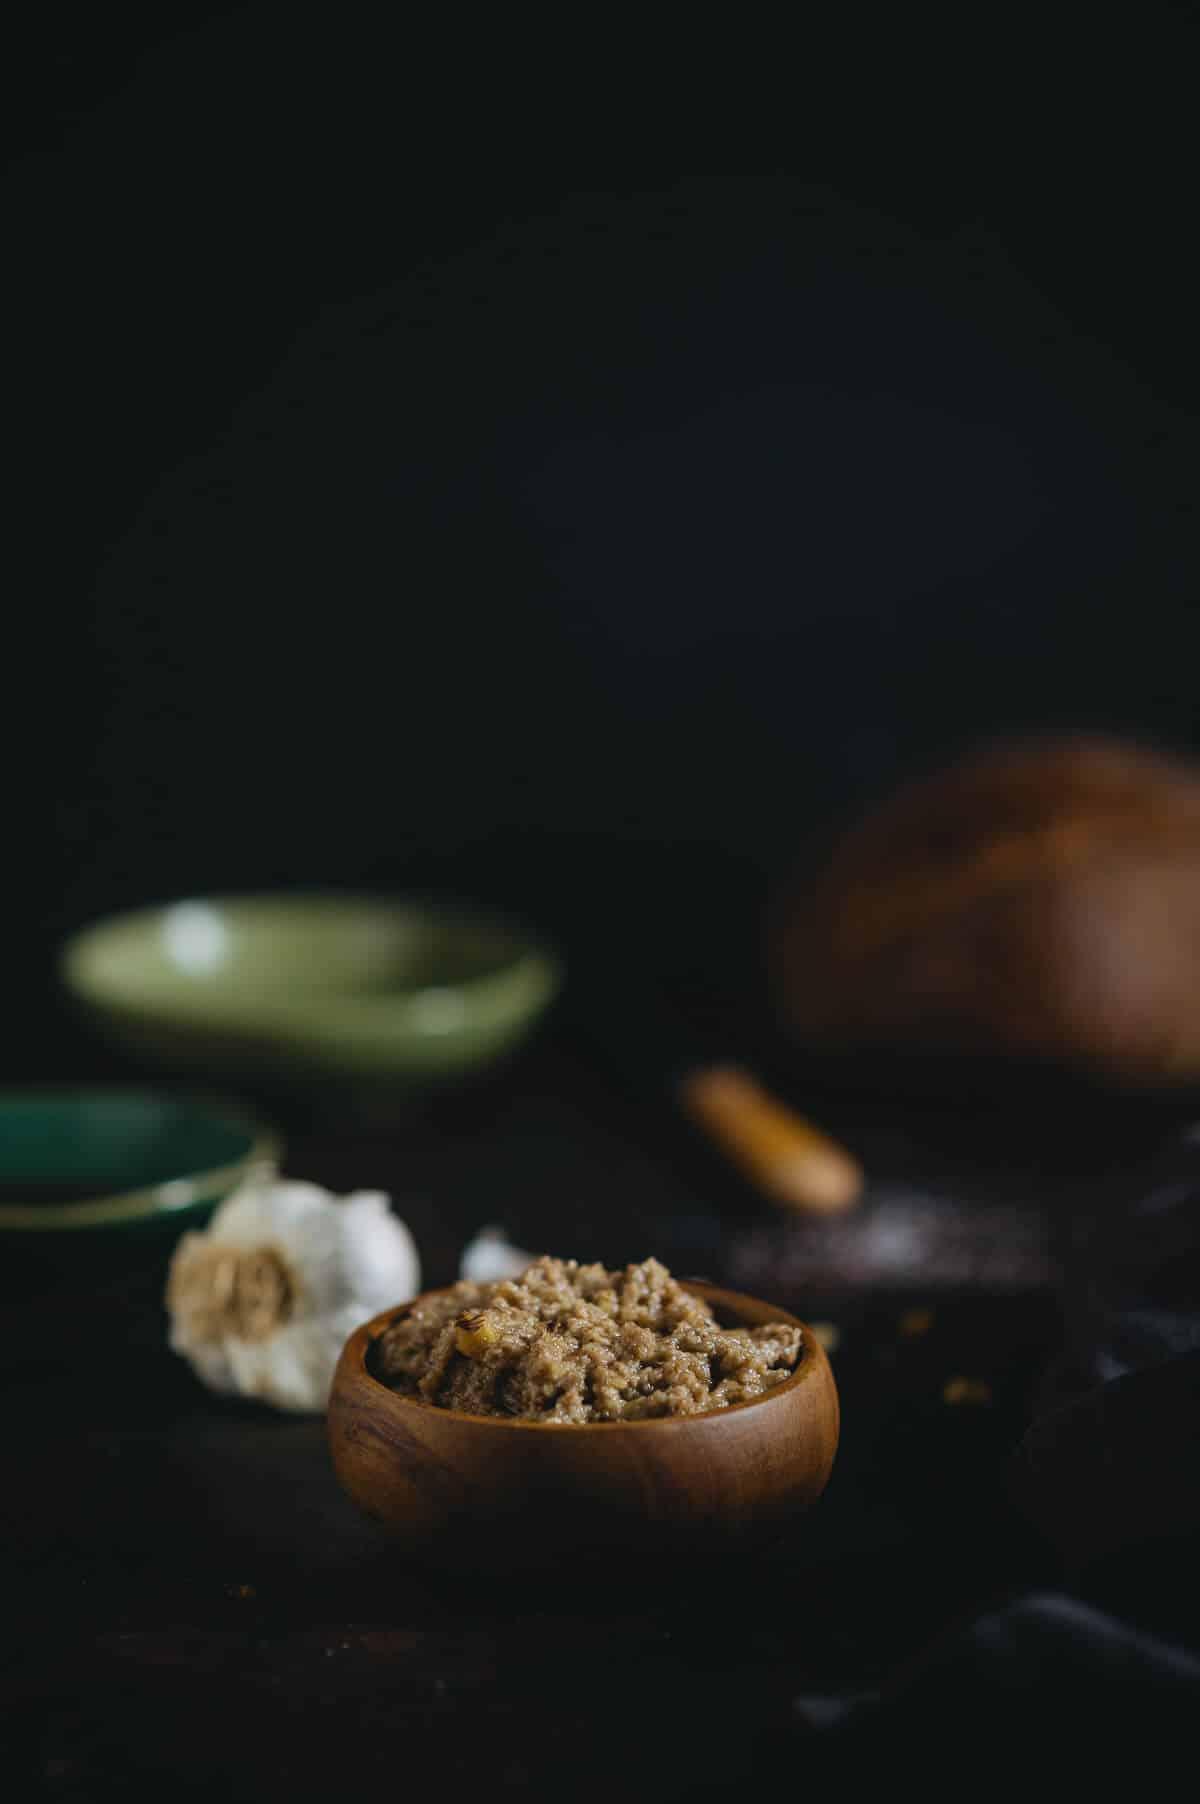 Walnut skordalia served in a bowl